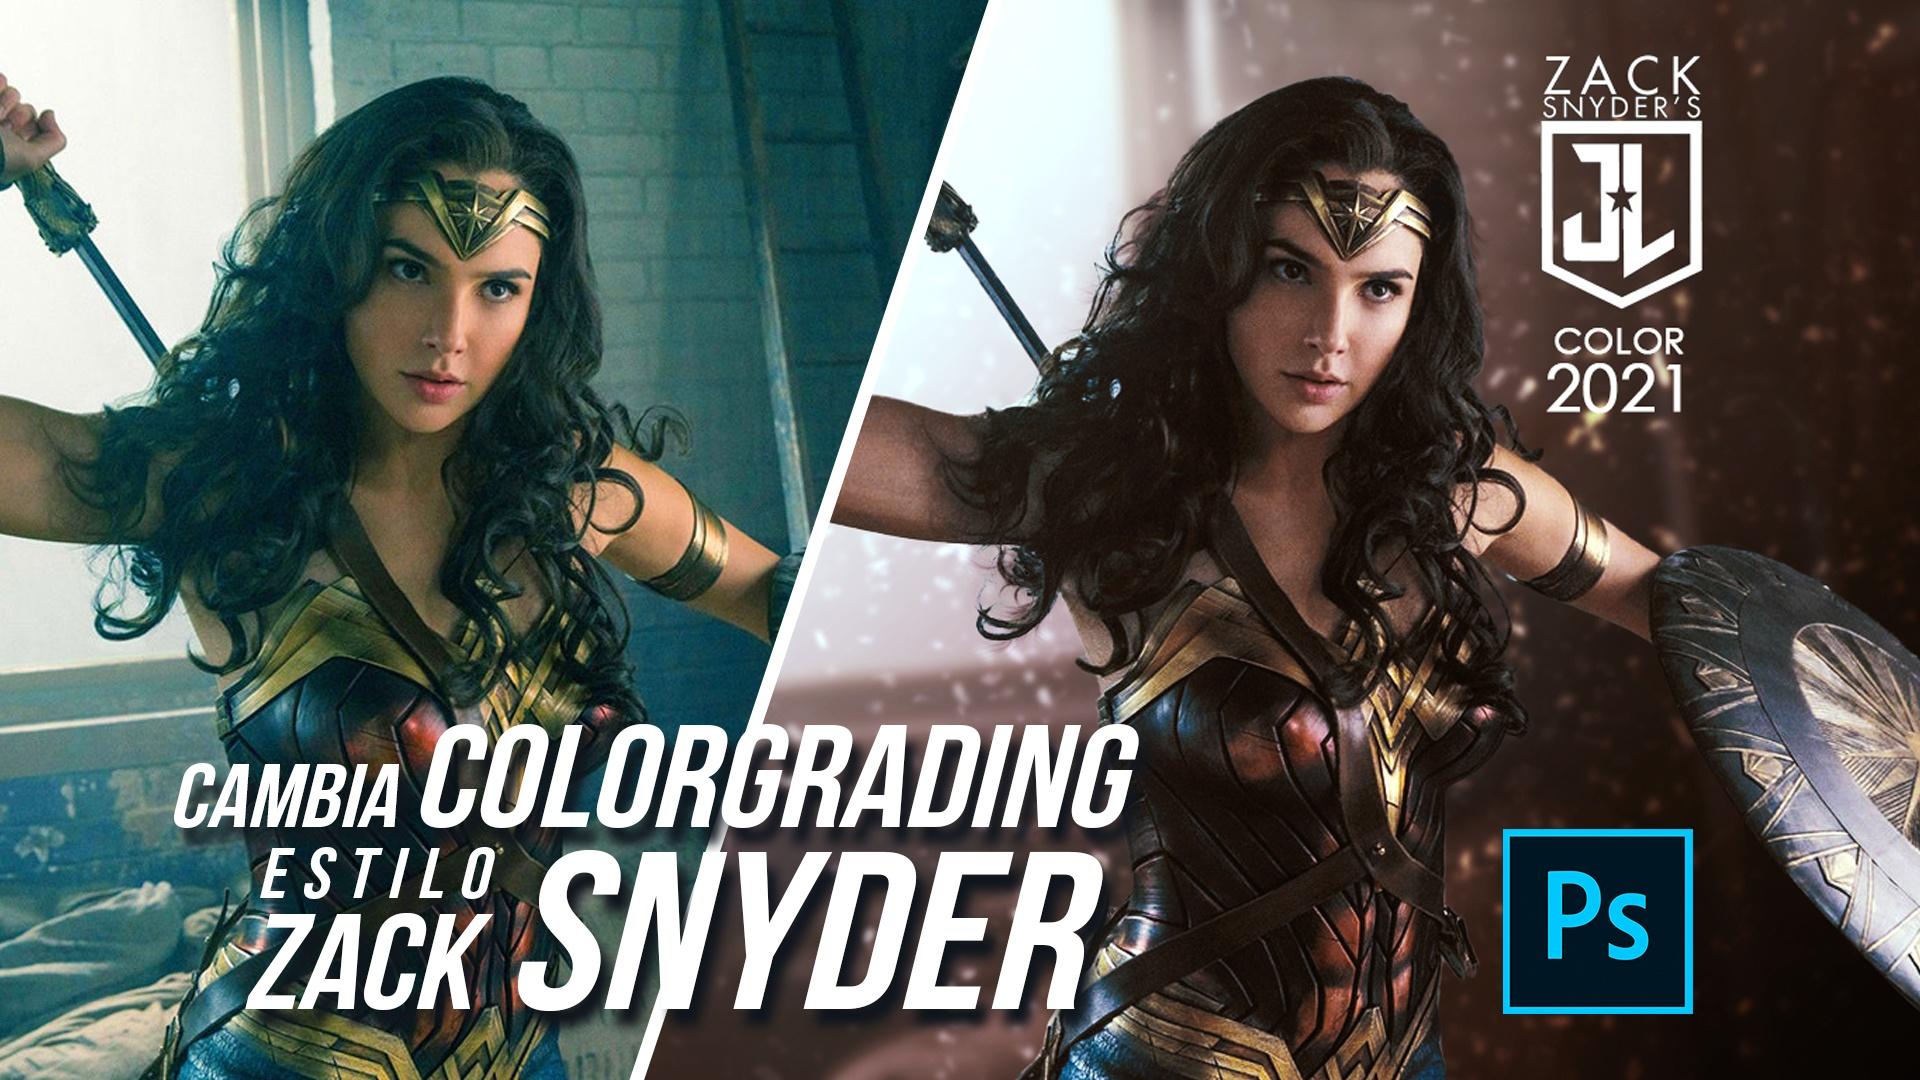 Lee más sobre el artículo Aplicando técnicas de colorgrading JL 2021 con Photoshop